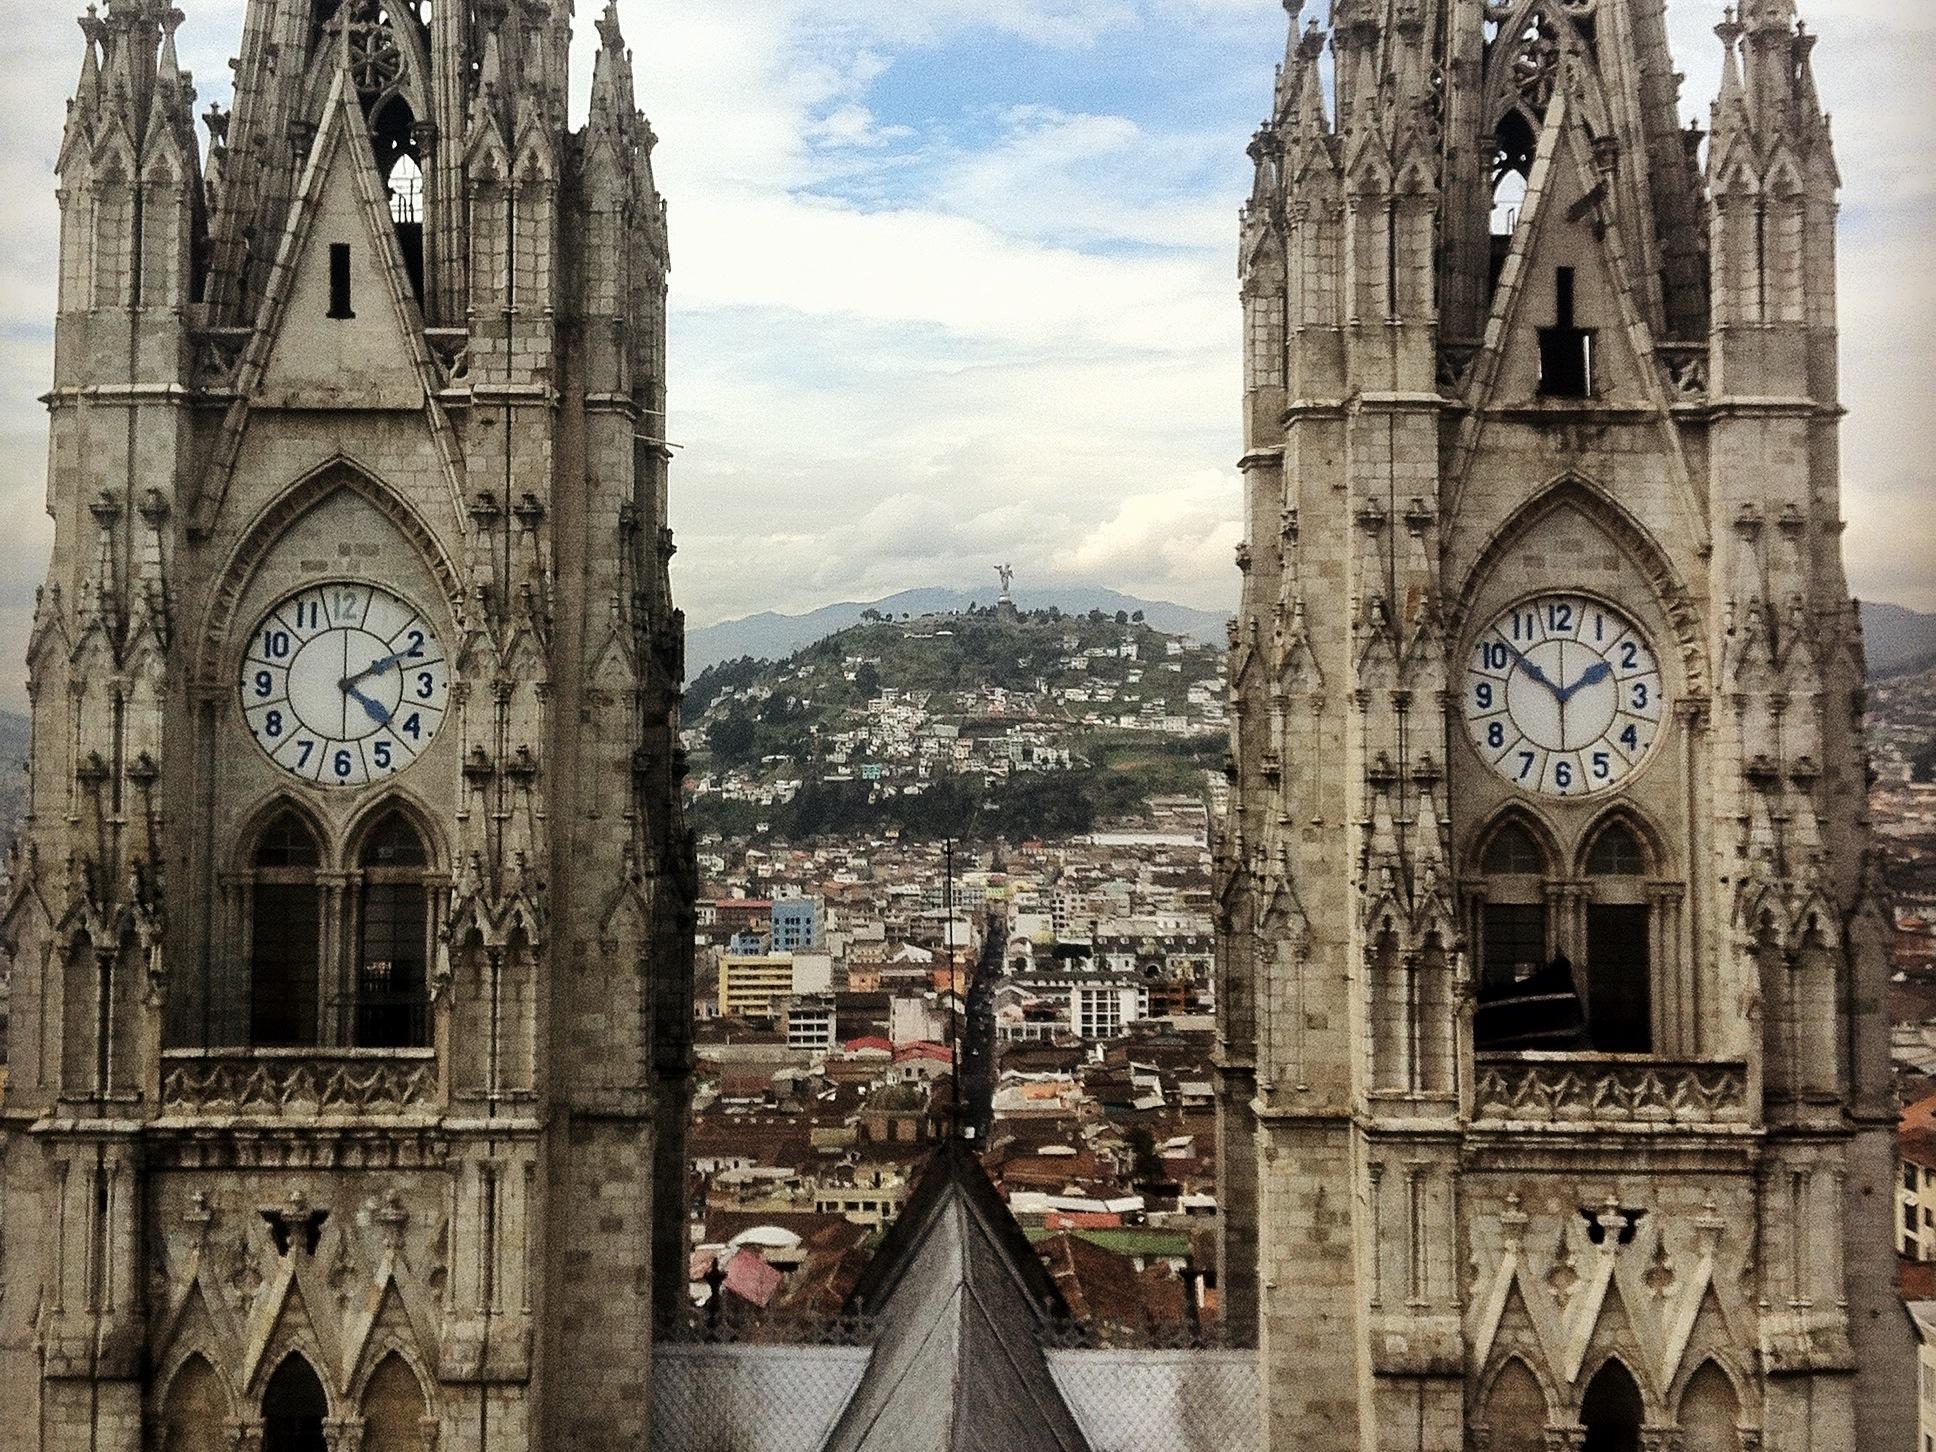 Basilica Voto del Nacional | Photo by Wilson Carletti (All Rights Reserved)